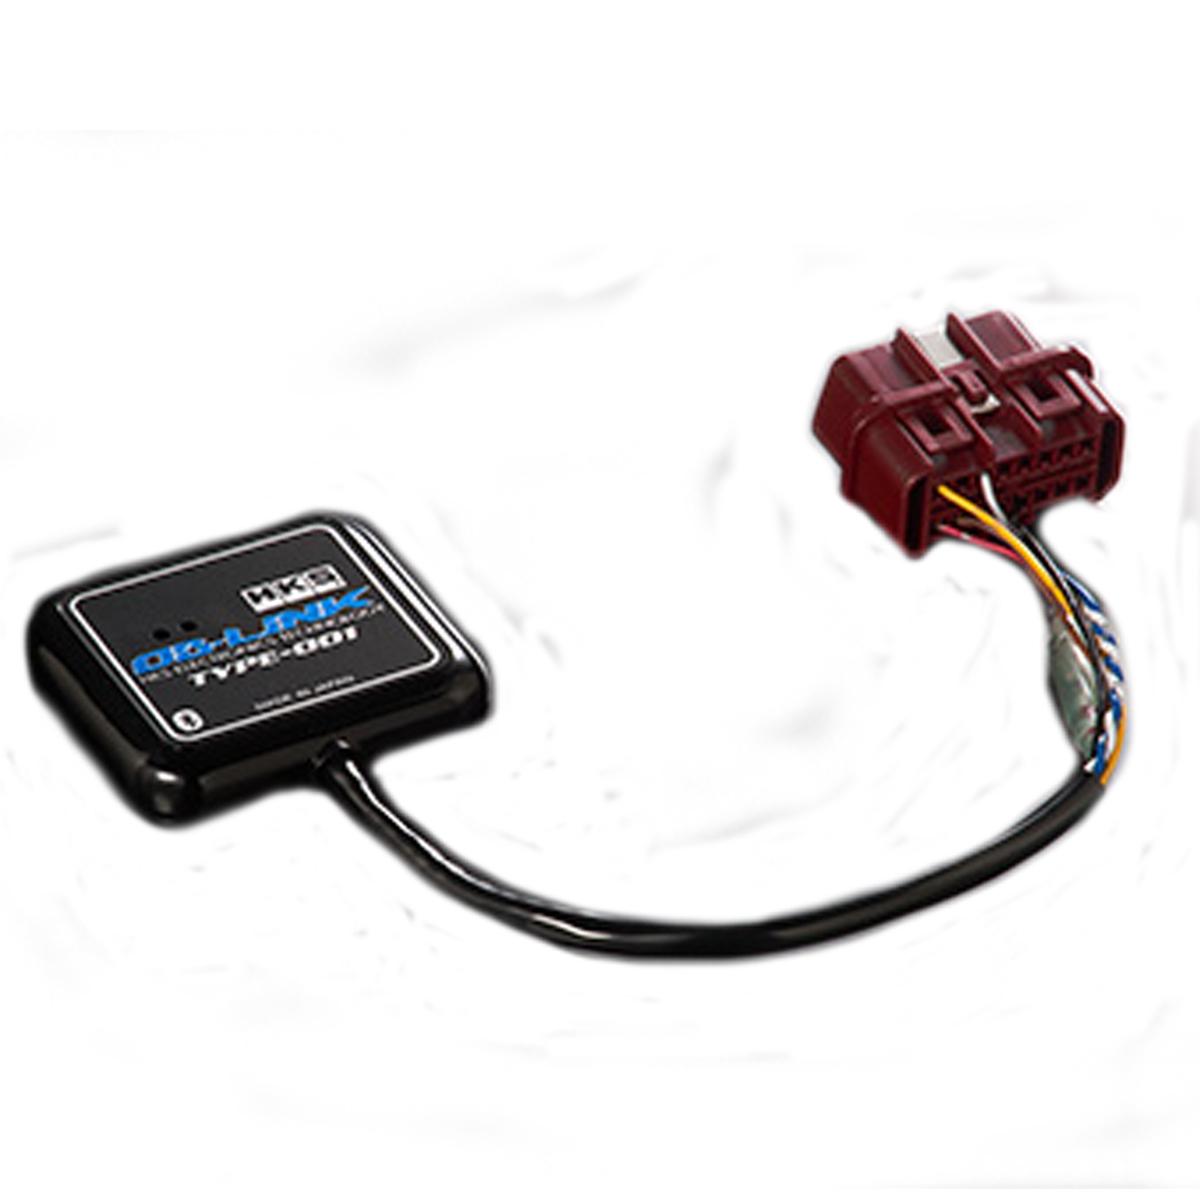 シボレークルー ズ モニター OBリンク タイプ 001 HR52S HKS 44009-AK002 エレクトリニクス